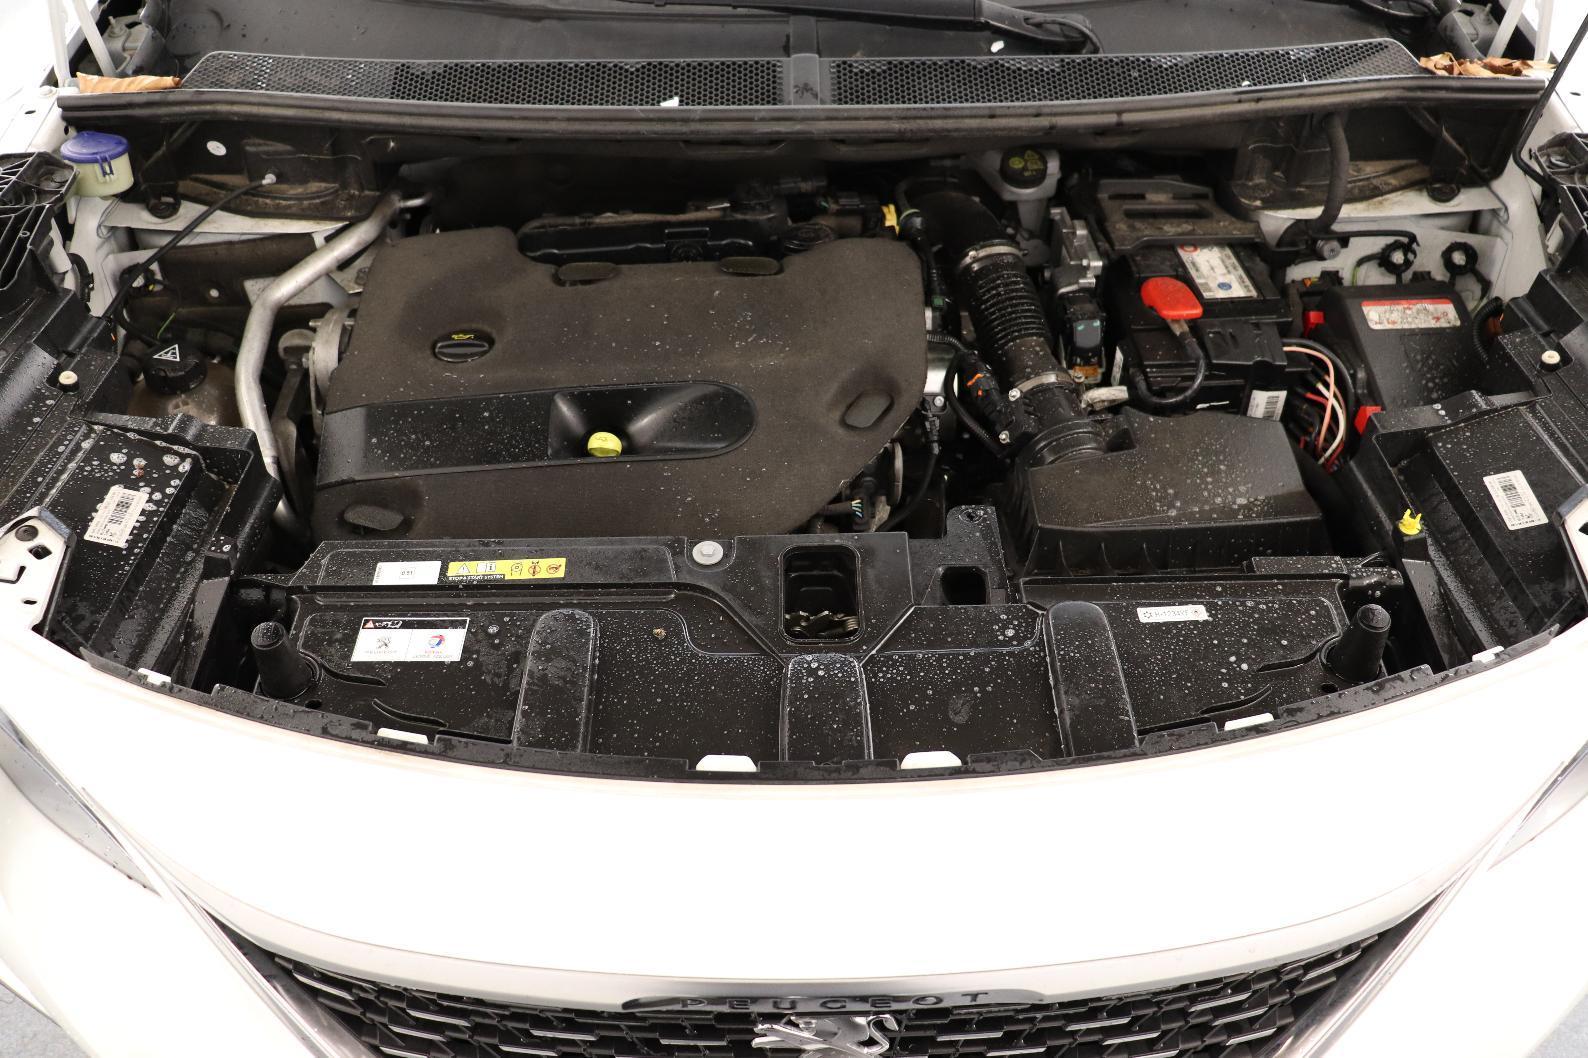 PEUGEOT 3008 2.0 BlueHDi 150ch S&S BVM6 Allure